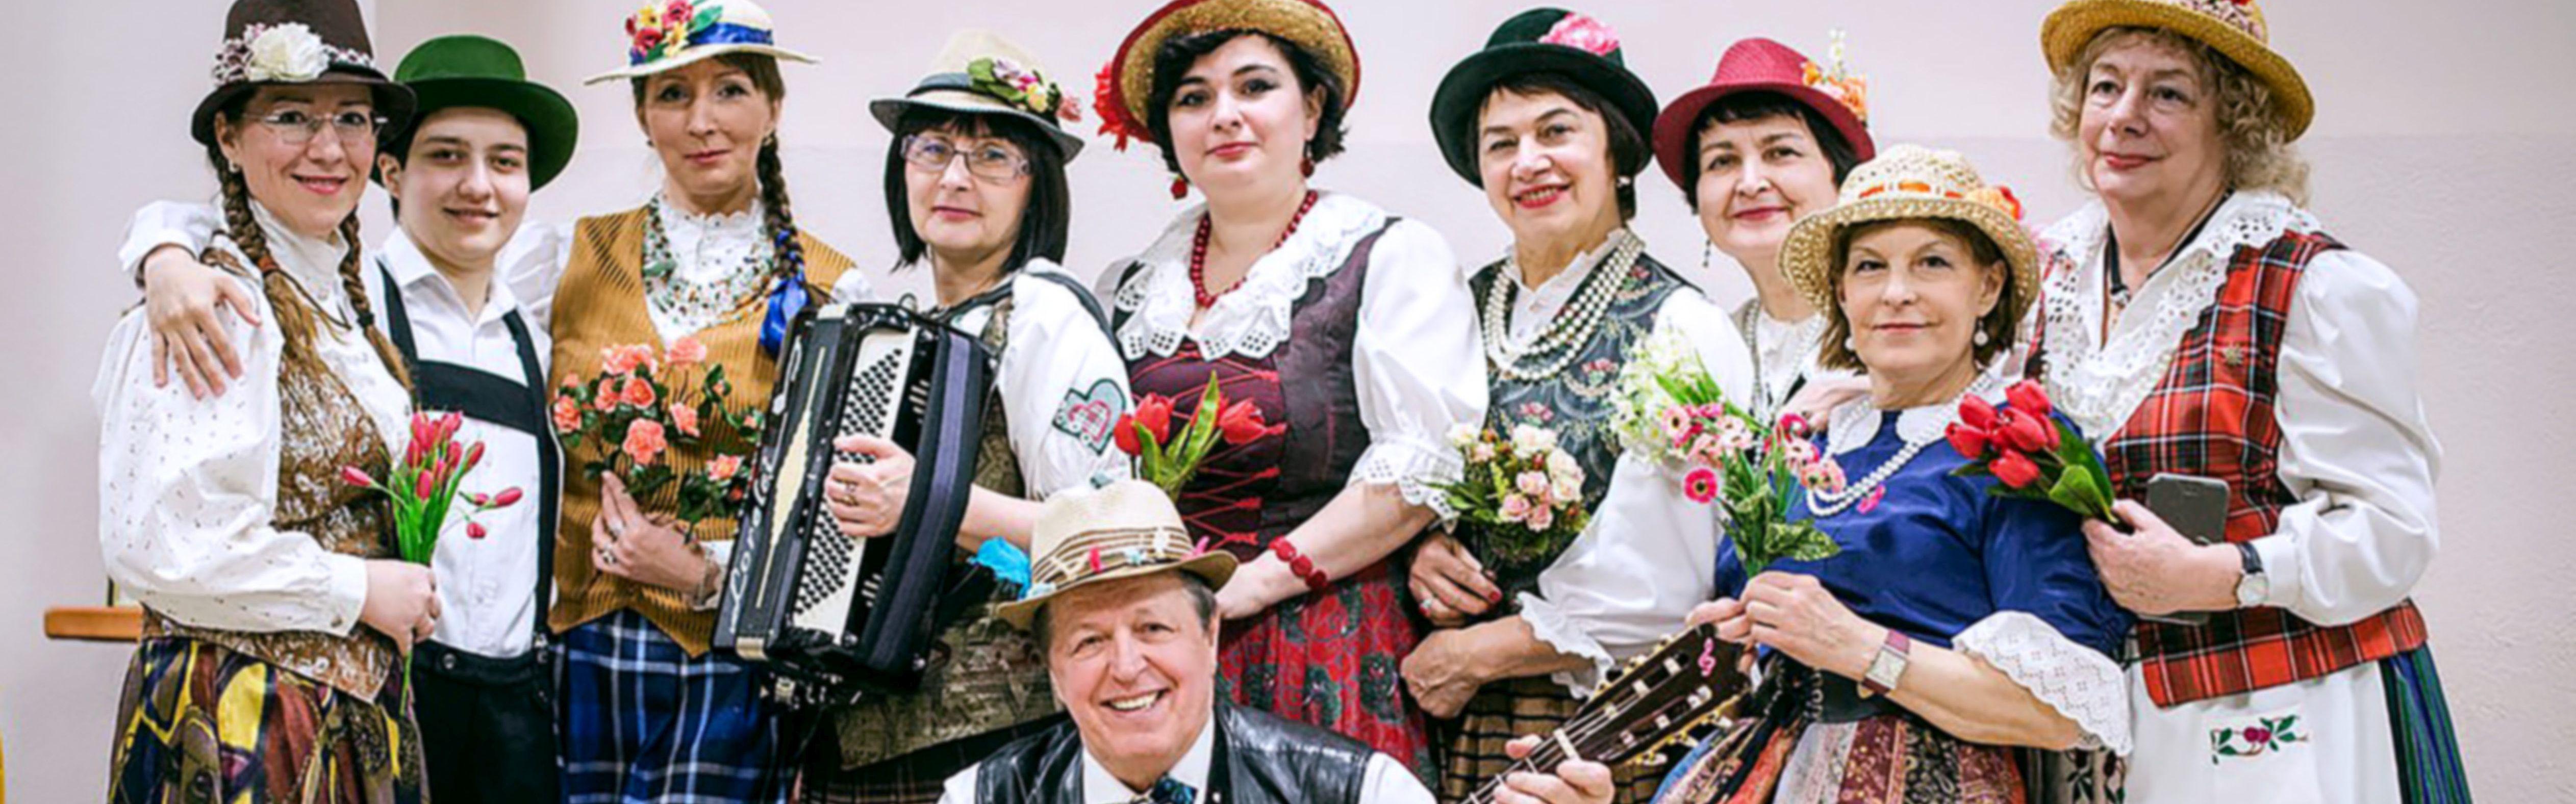 Ансамблю немецкой песни «Лорелея»15 лет